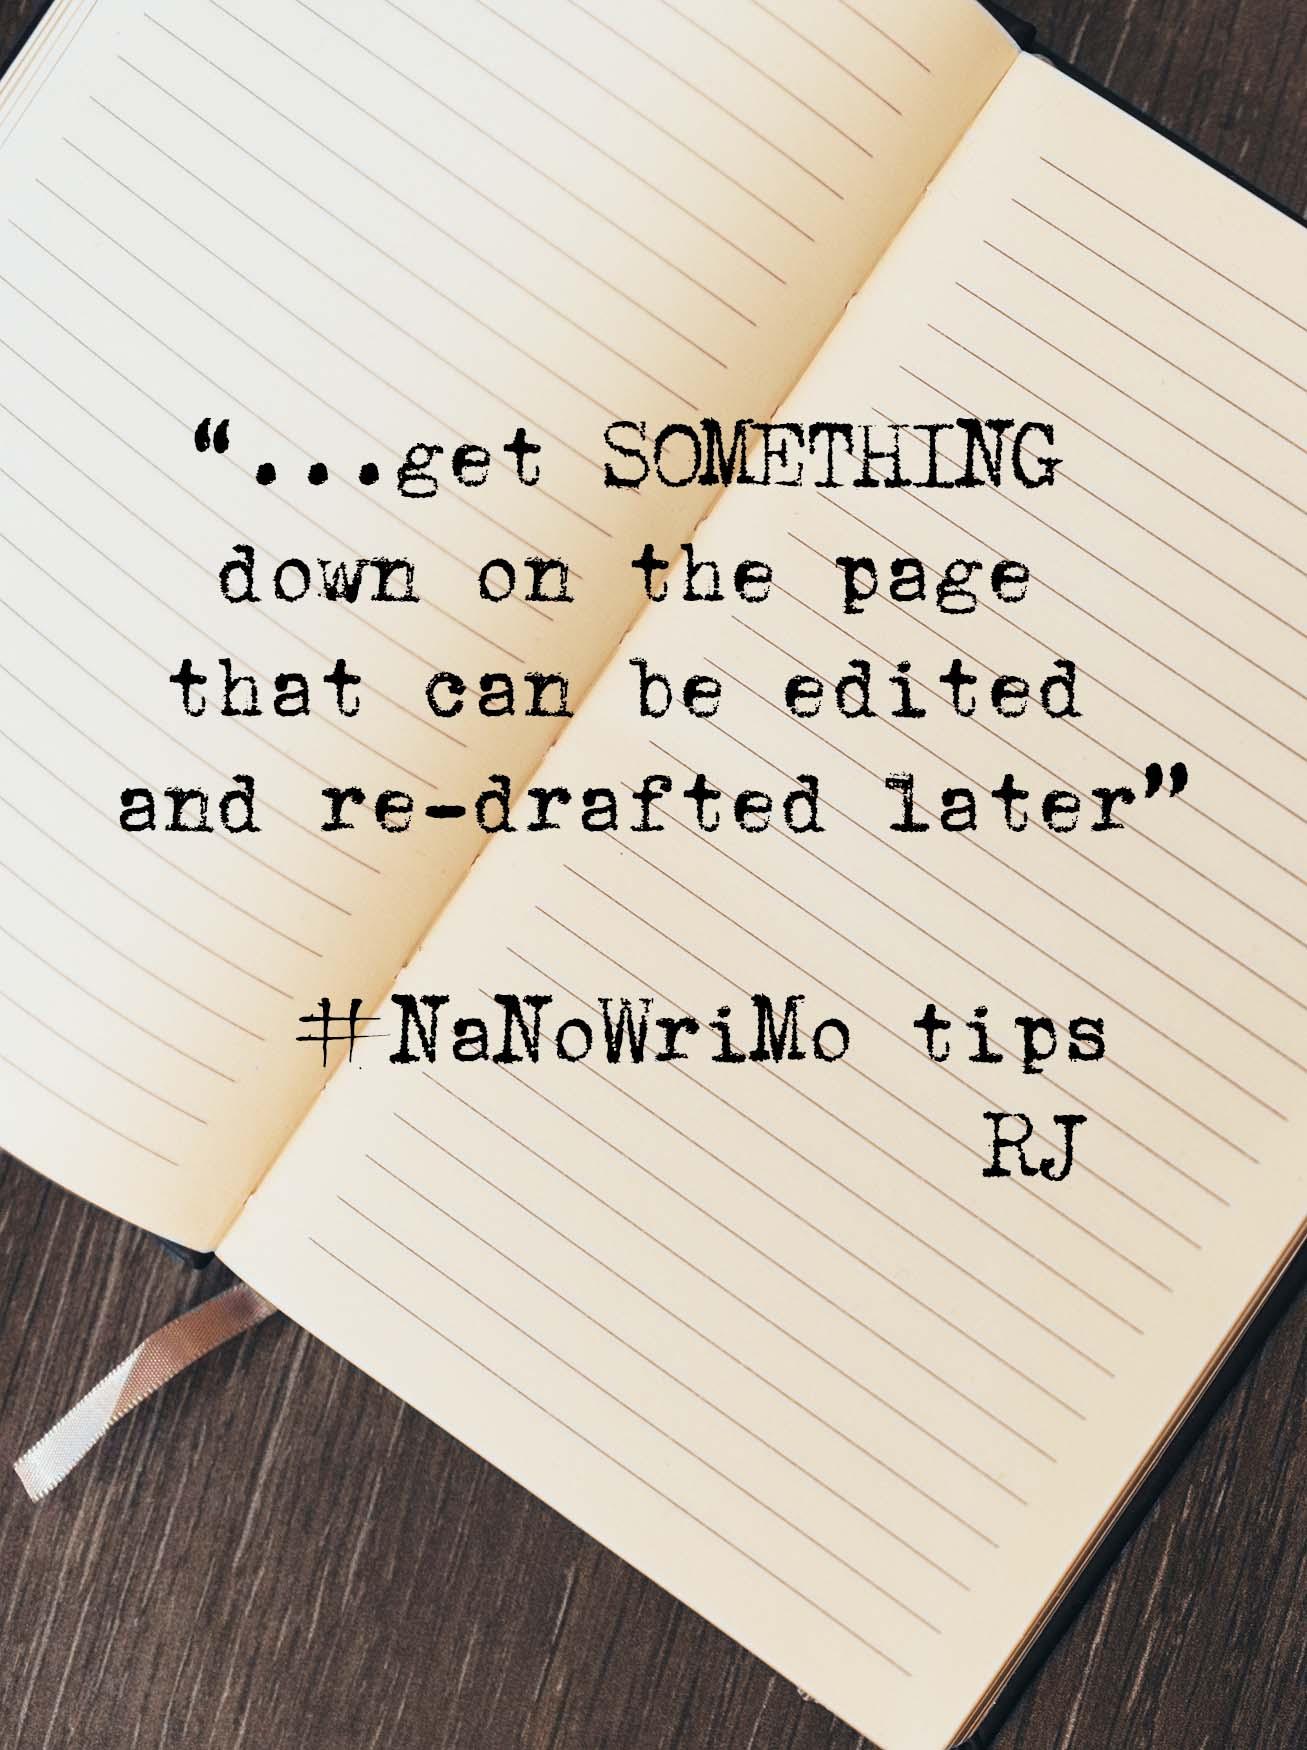 NaNoWriMo Tips - Rebecca Johnstone